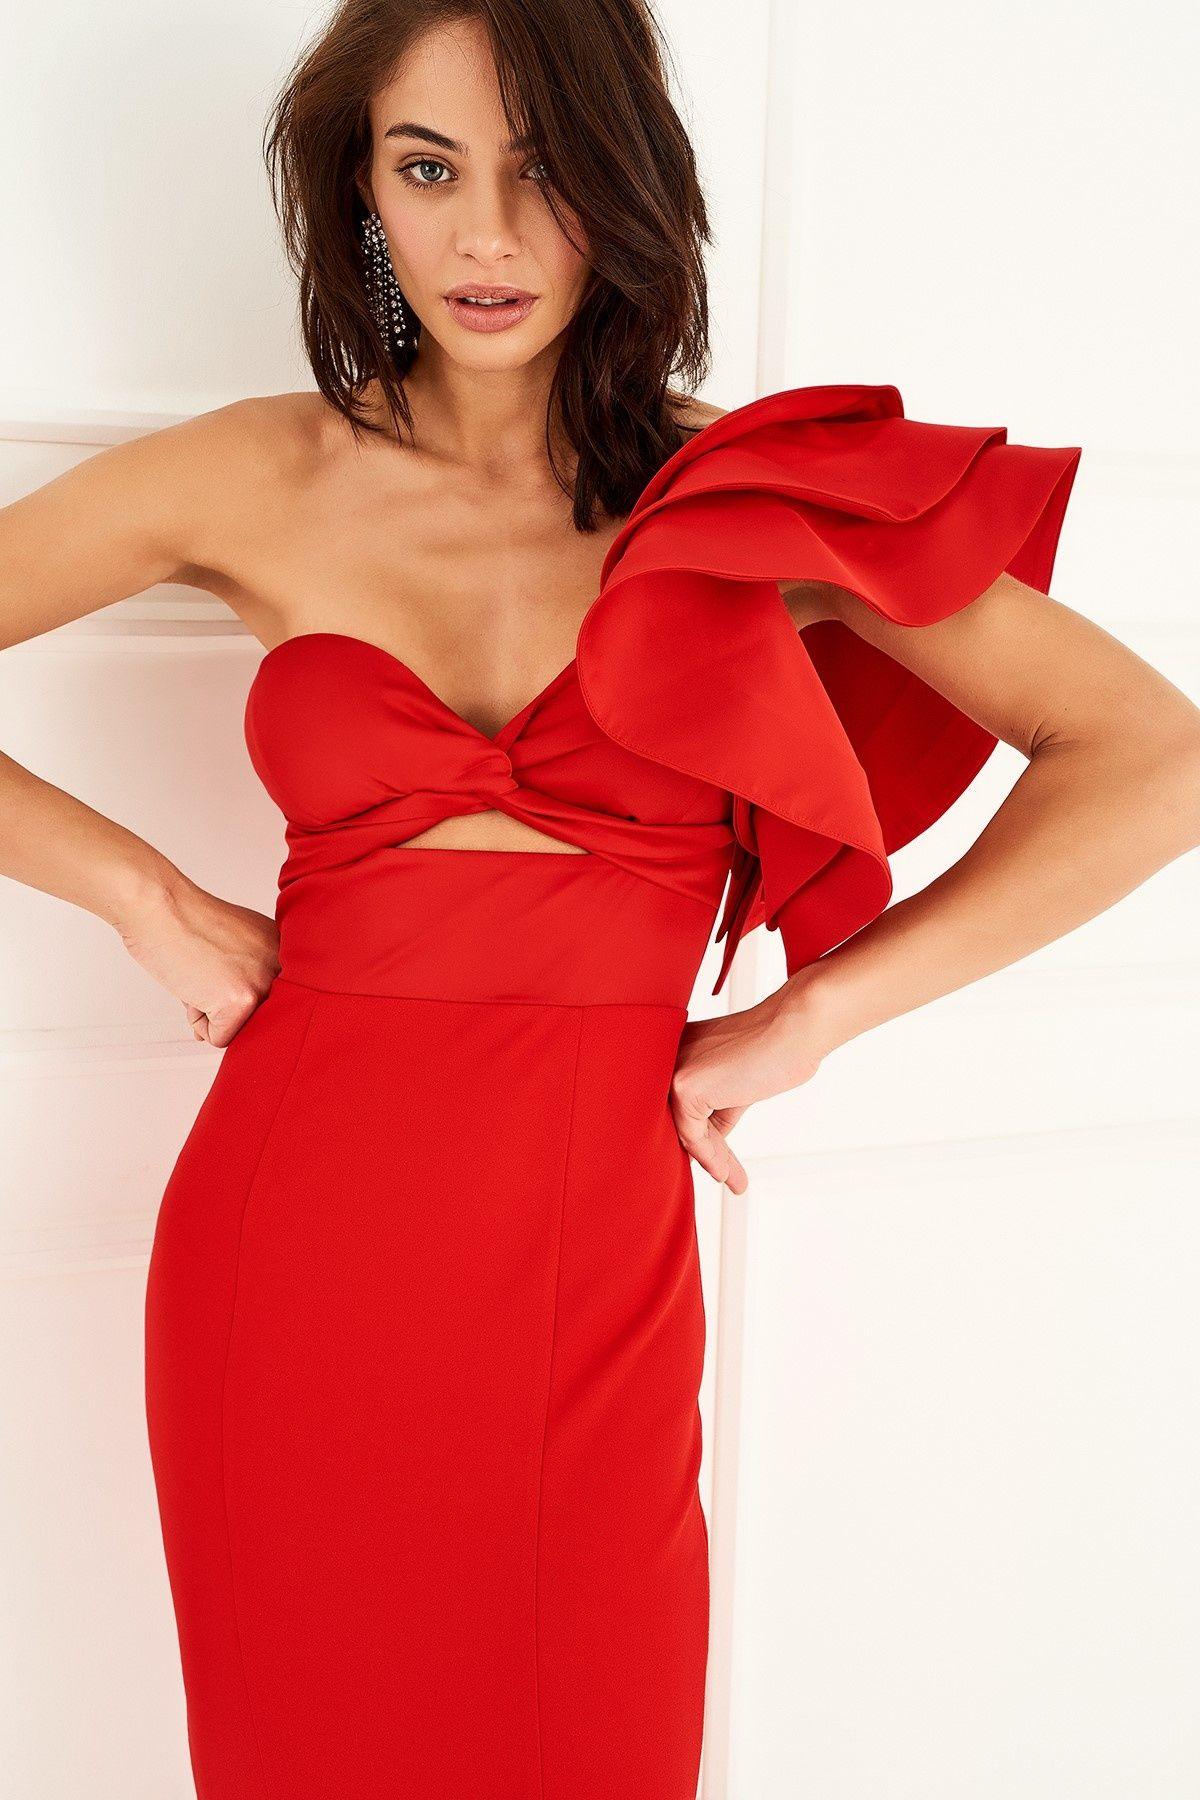 Kirmizi Tek Omuz Volanli Elbise Trendyolmilla Trendyol Goruntuler Ile Elbise Elbise Modelleri The Dress